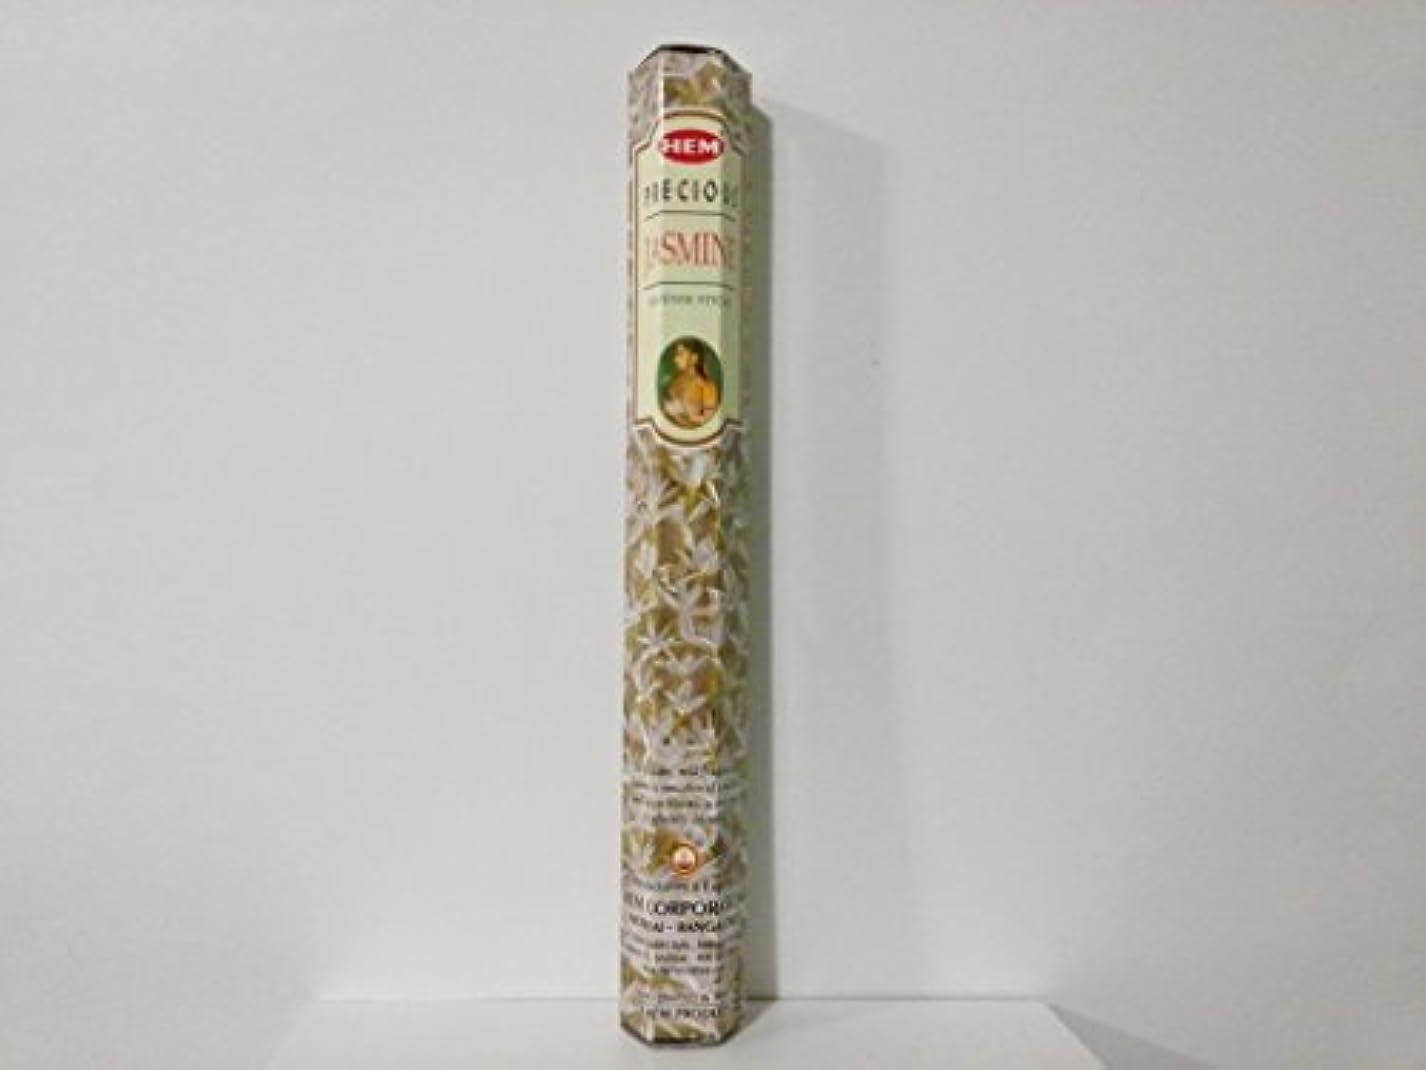 品のぞき穴クリック1 x Hem Precious Jasmine Incense Sticks 120 Ct